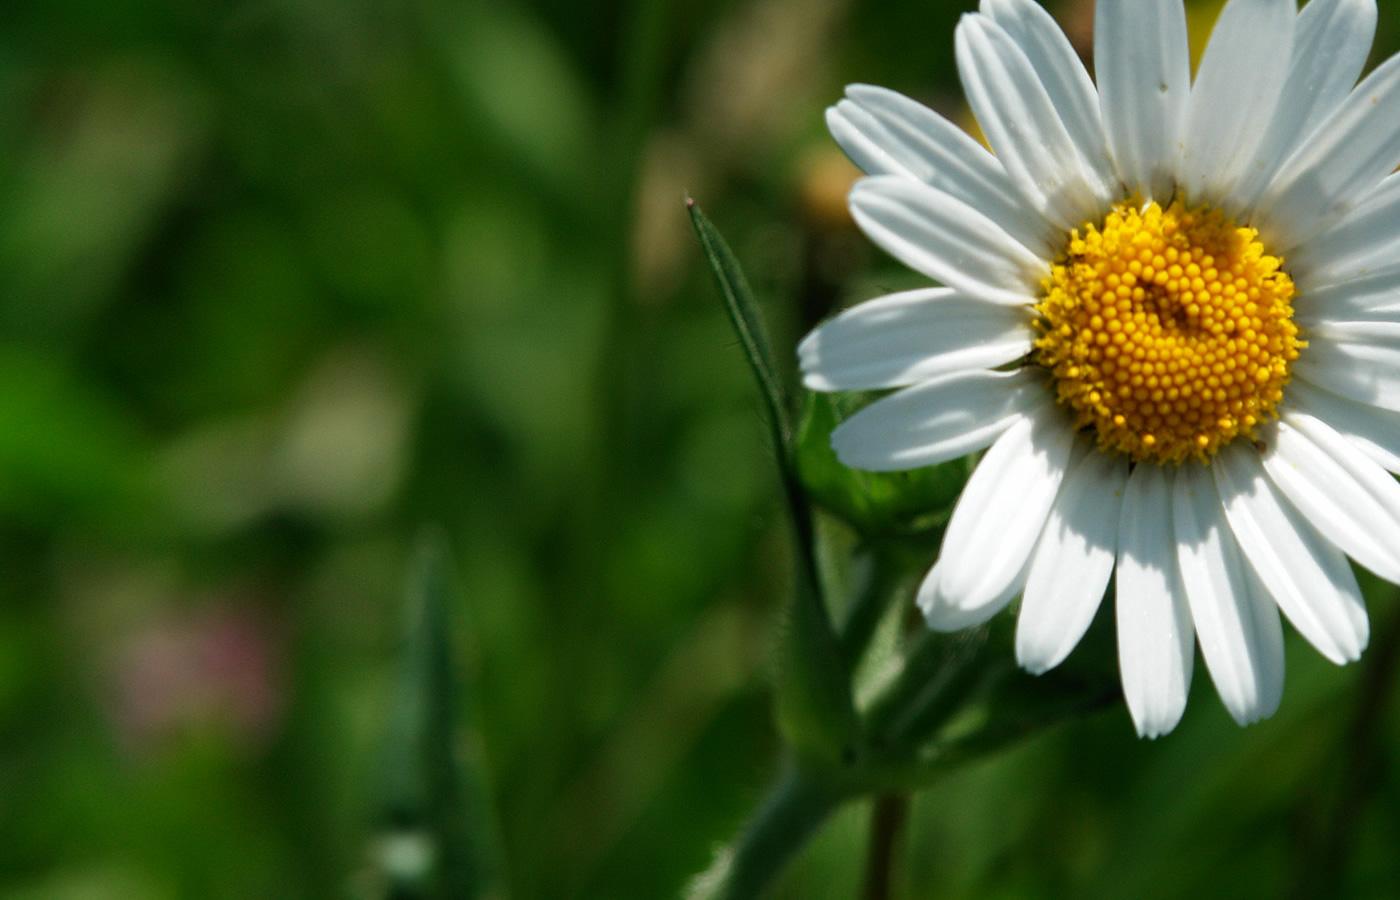 Blumen in der Region Serfaus-Fiss-Ladis. Sommer-Ferien in Tirol.